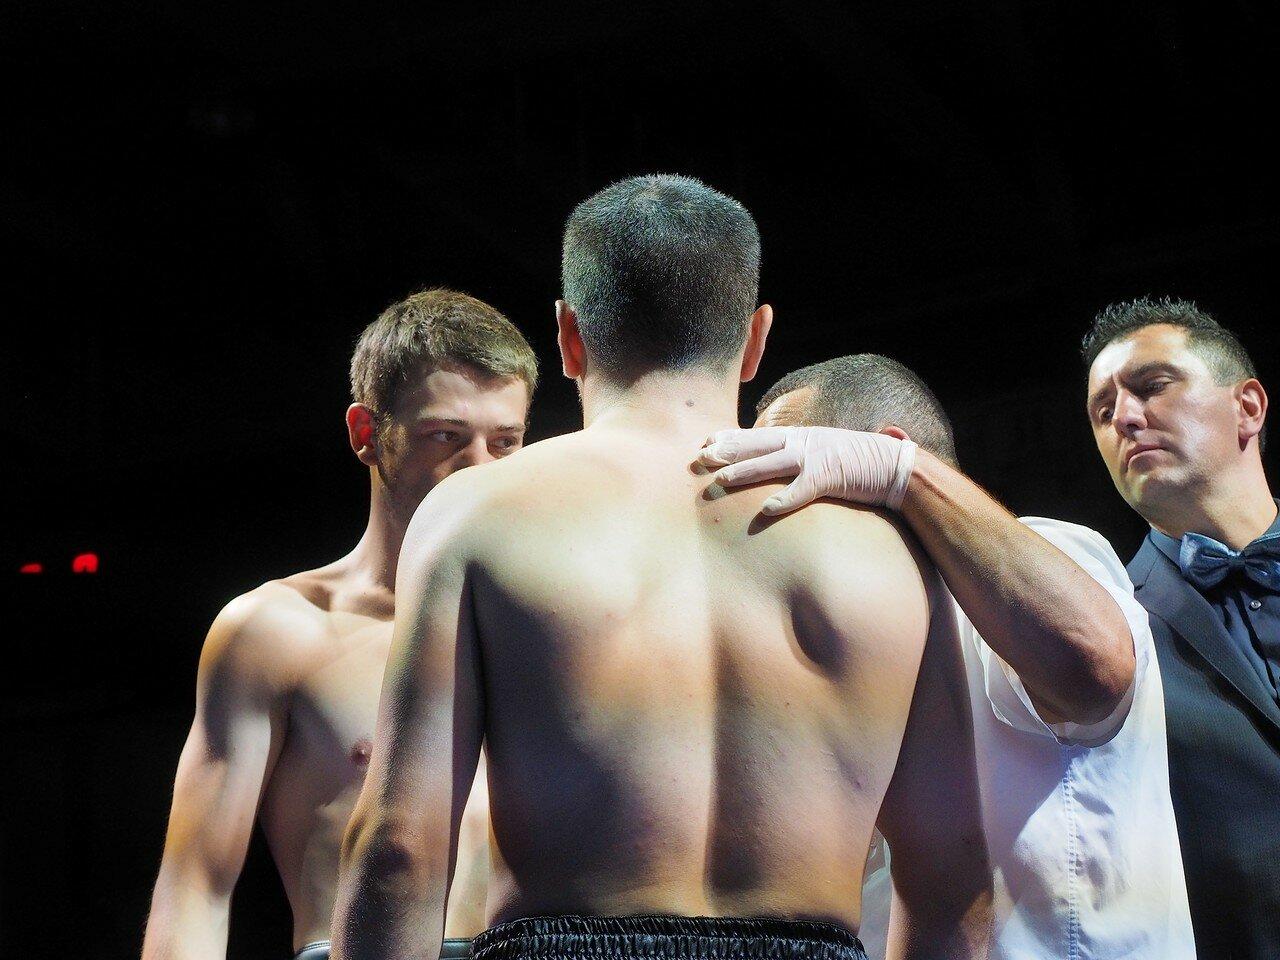 63 Вечер профессионального бокса в Магнитогорске 06.07.2017